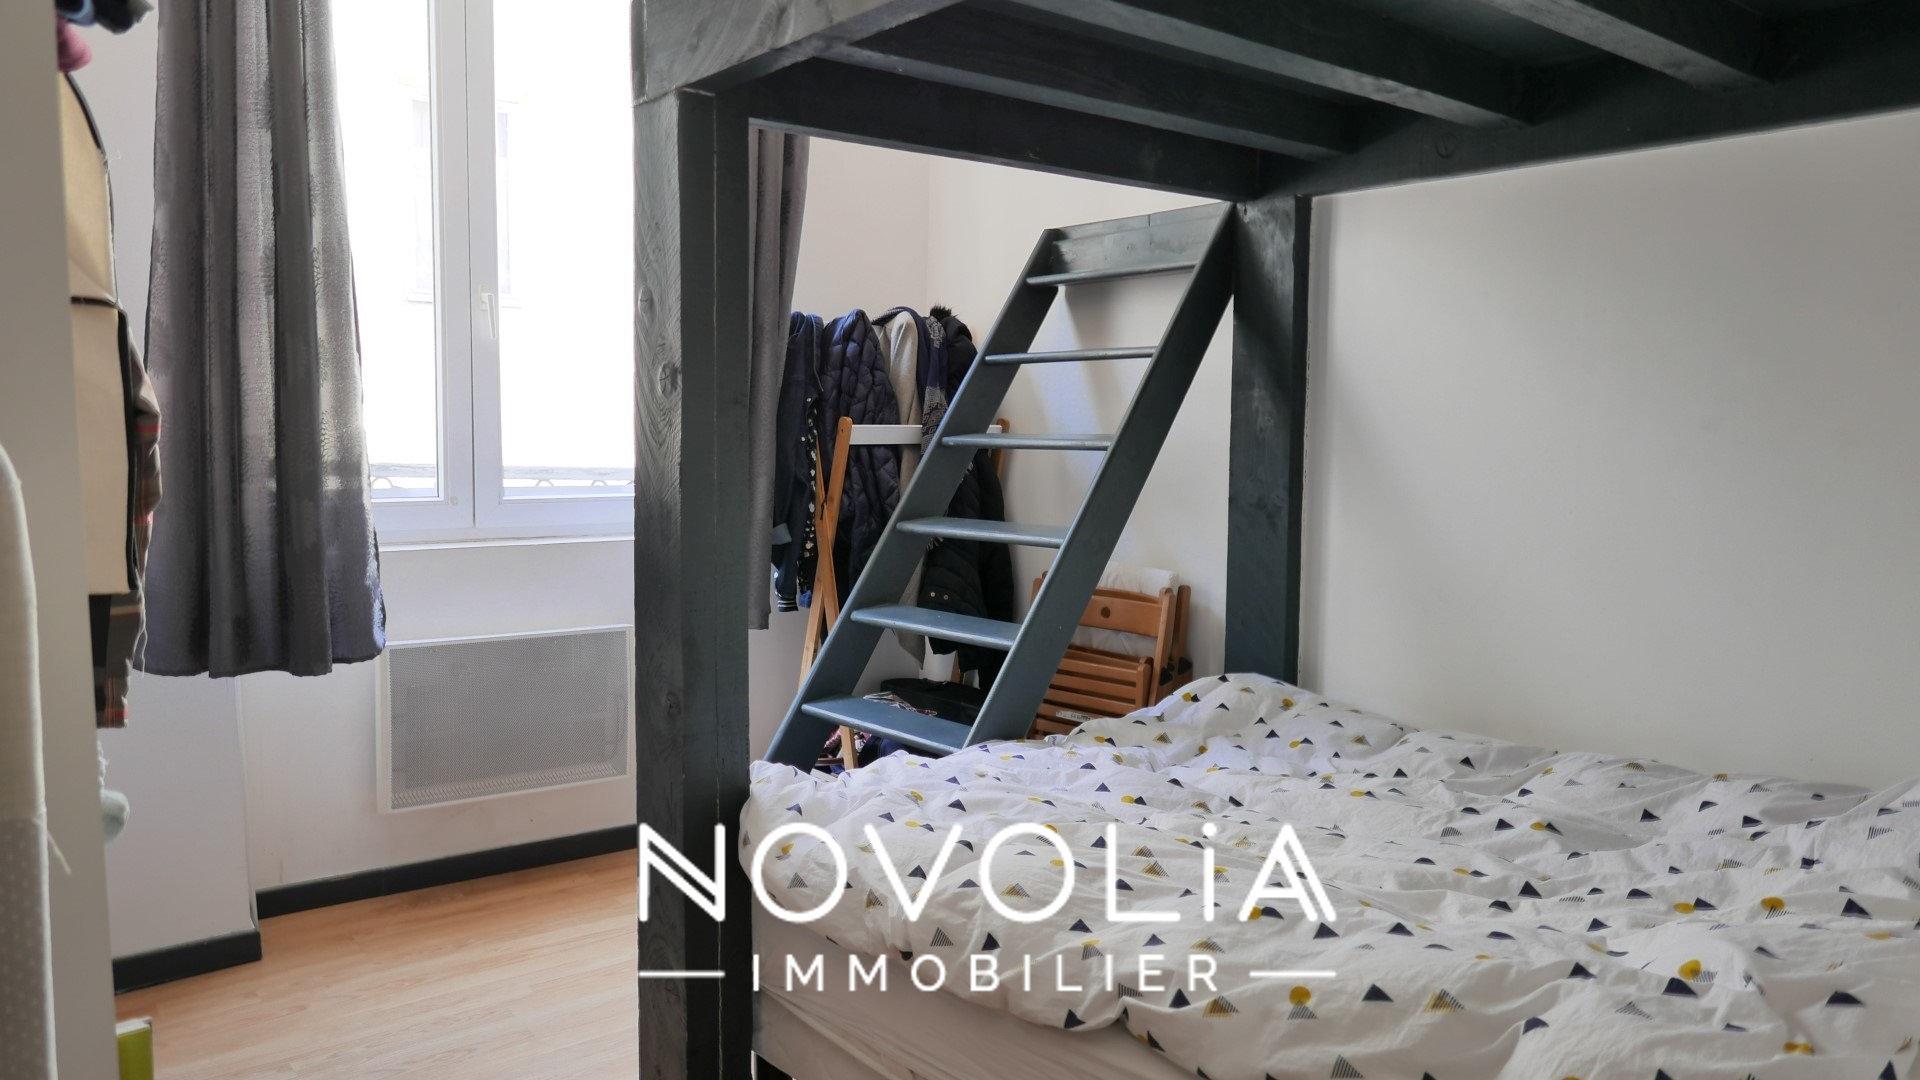 Achat Appartement, Surface de 32.74 m²/ Total carrez : 32 m², 2 pièces, Lyon 3ème (69003)